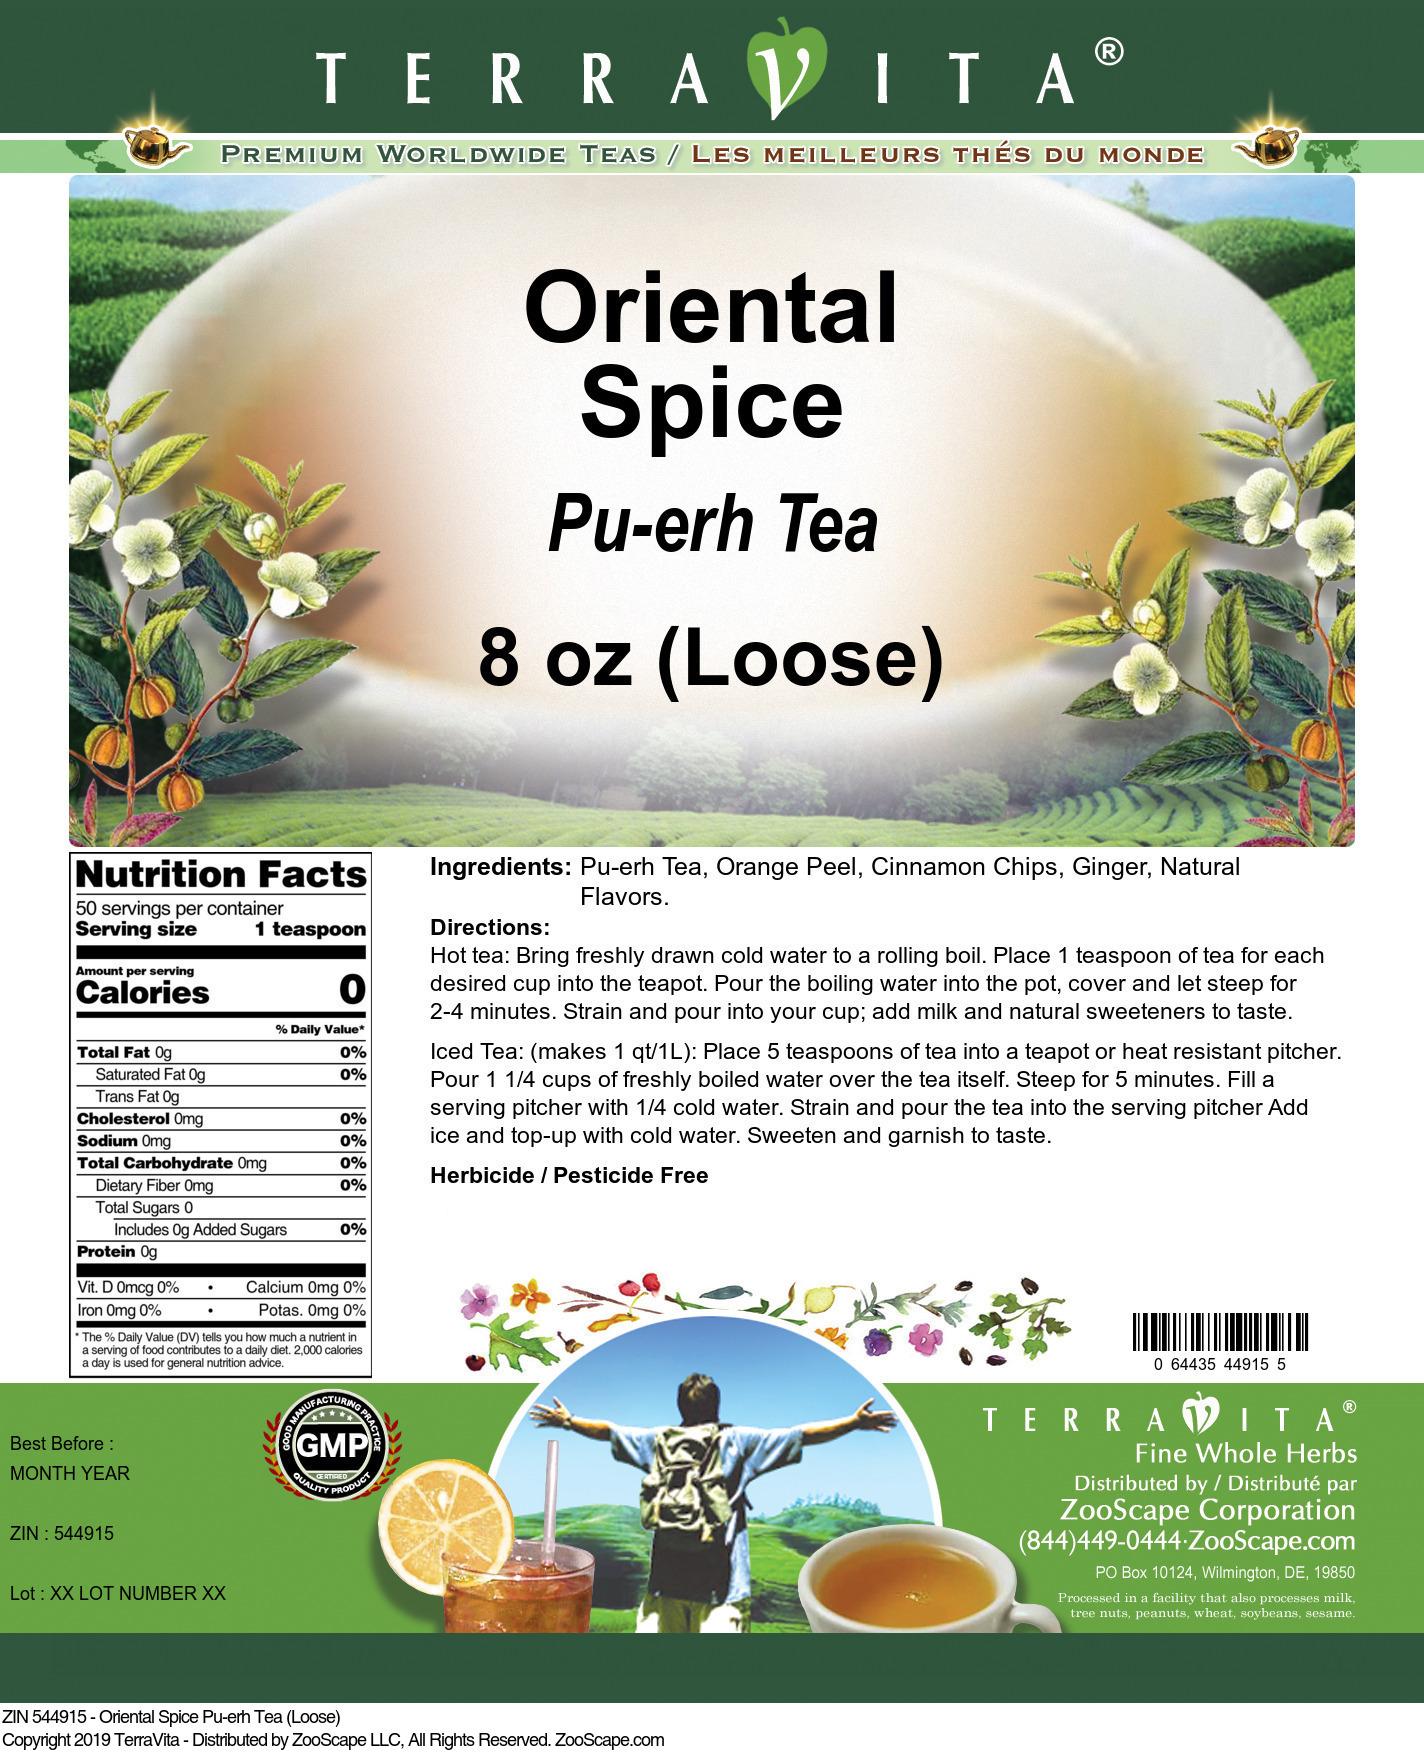 Oriental Spice Pu-erh Tea (Loose)